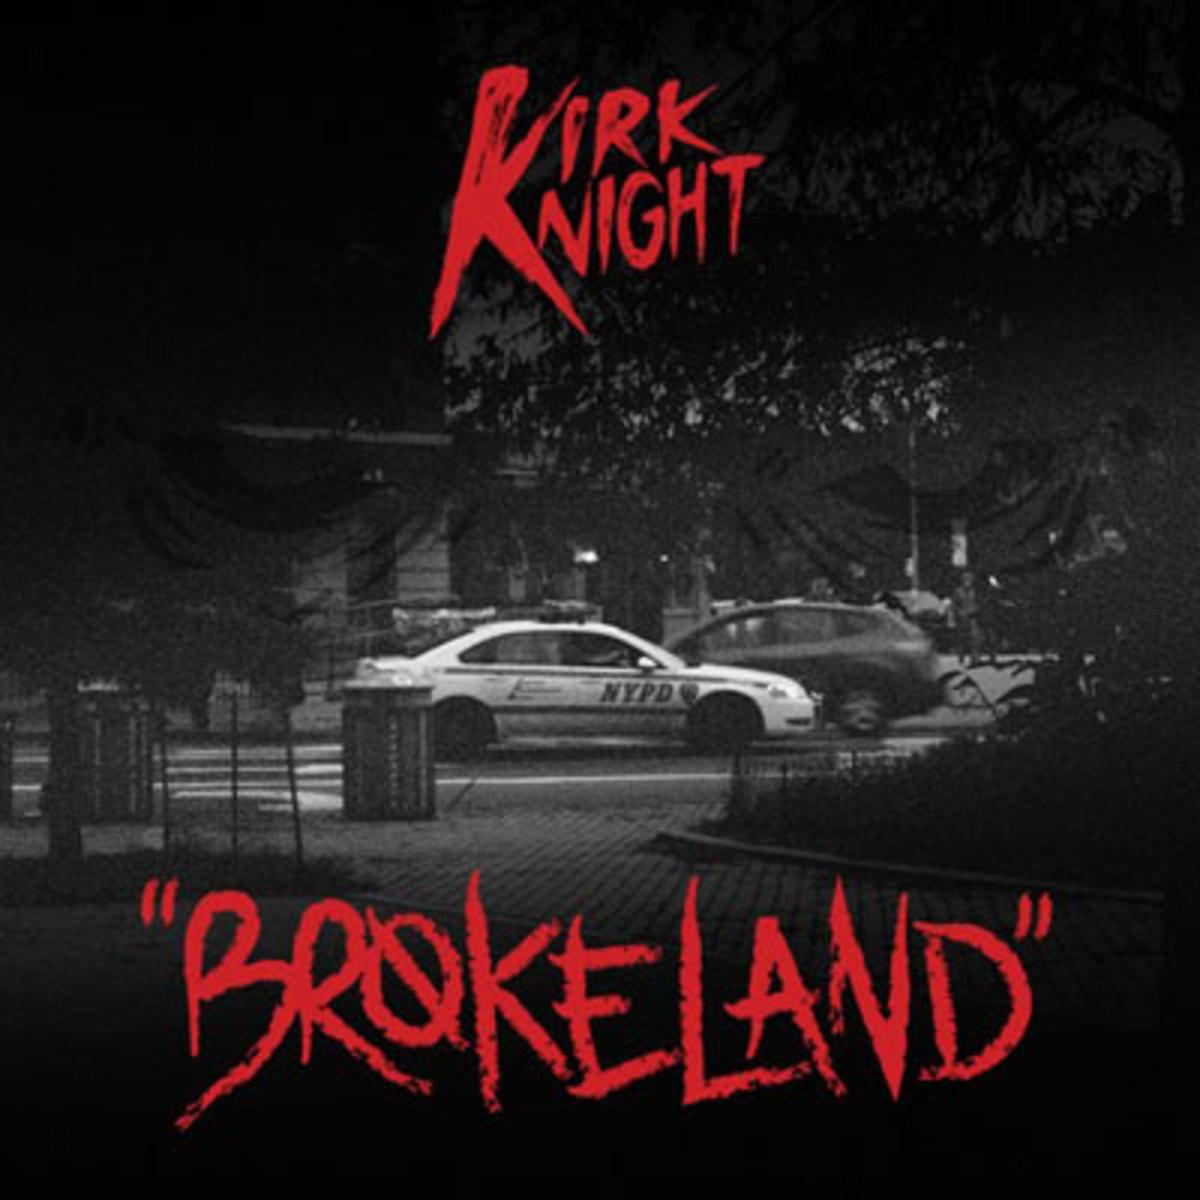 kirkknight-brokeland.jpg